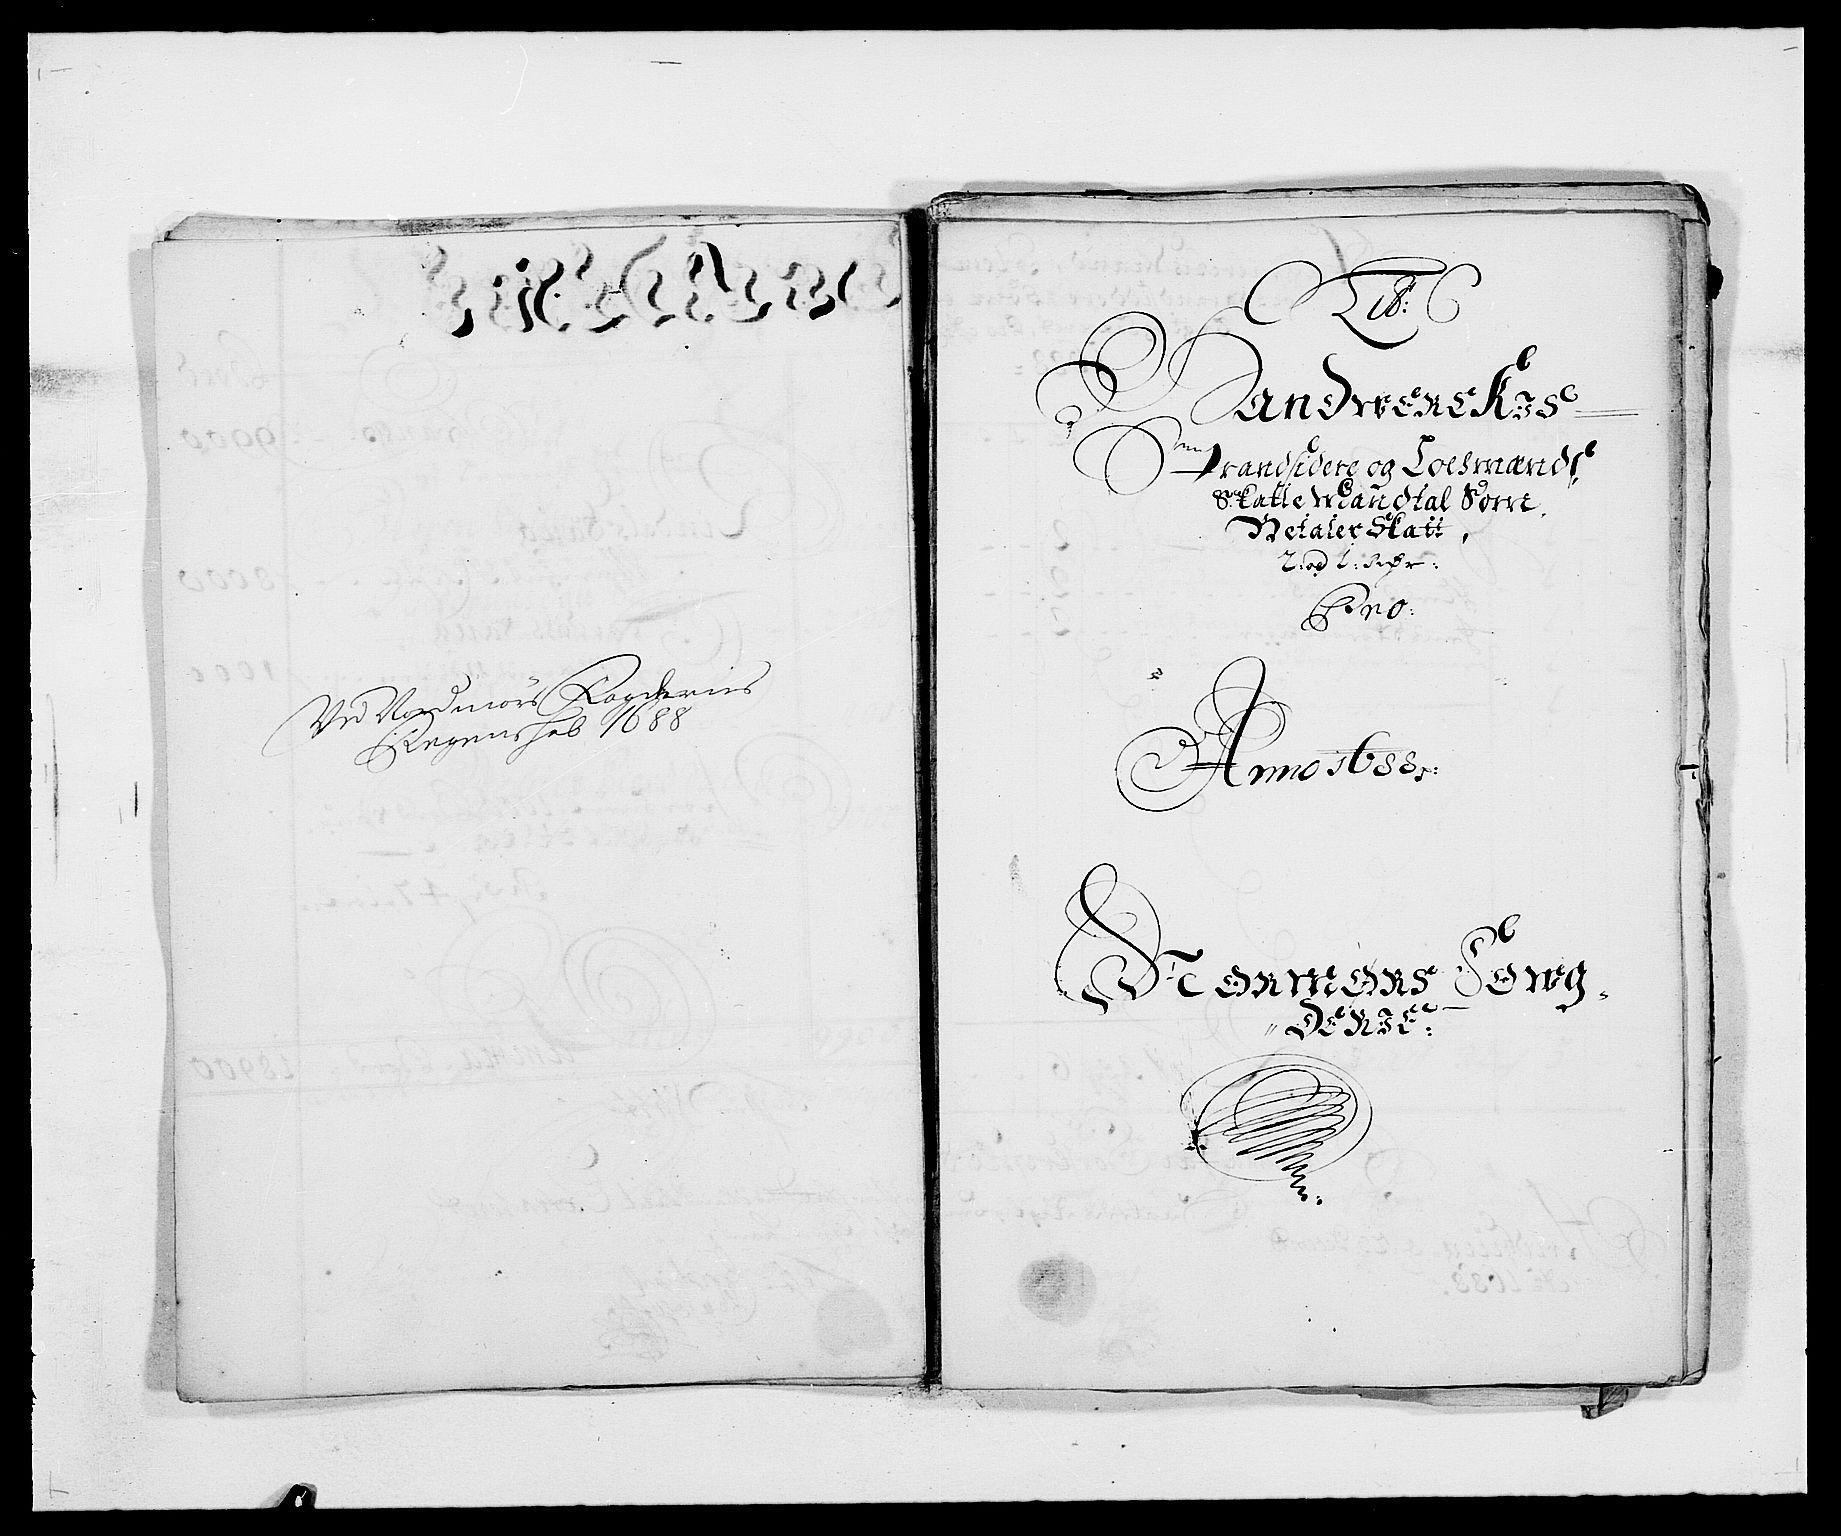 RA, Rentekammeret inntil 1814, Reviderte regnskaper, Fogderegnskap, R56/L3733: Fogderegnskap Nordmøre, 1687-1689, s. 232